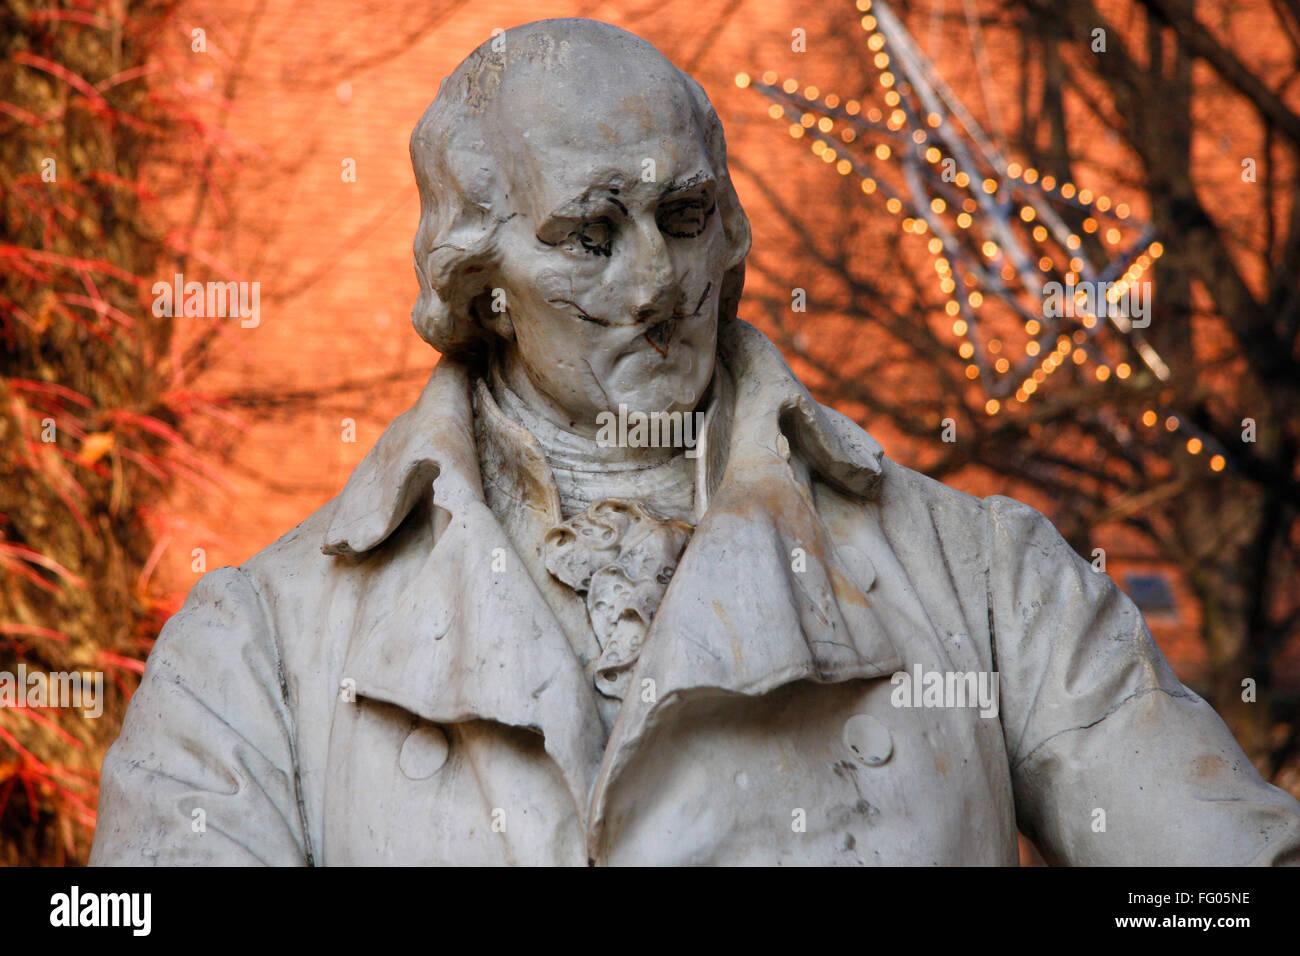 Denkmal: Freiherr von Stein, Berlin-Spandau. - Stock Image